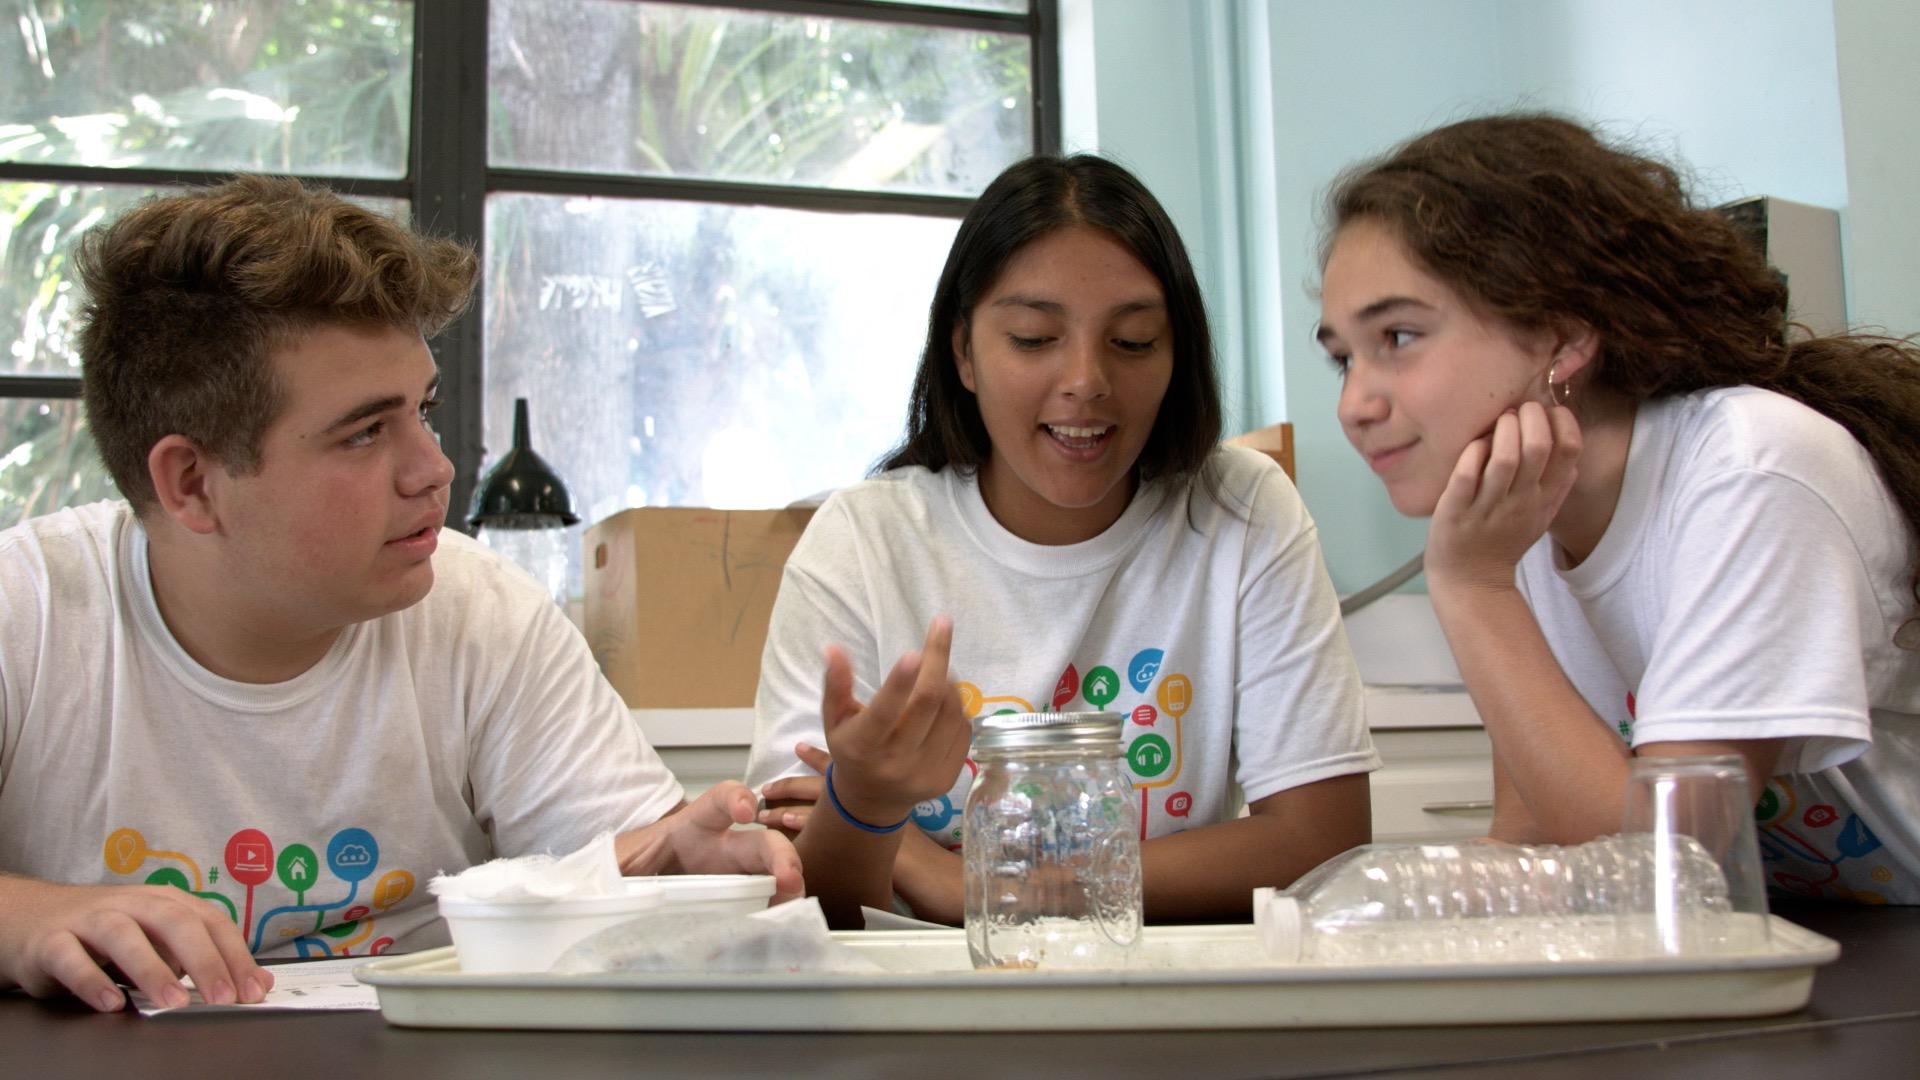 Bridging the Digital Education Divide #BGCASummerLearning